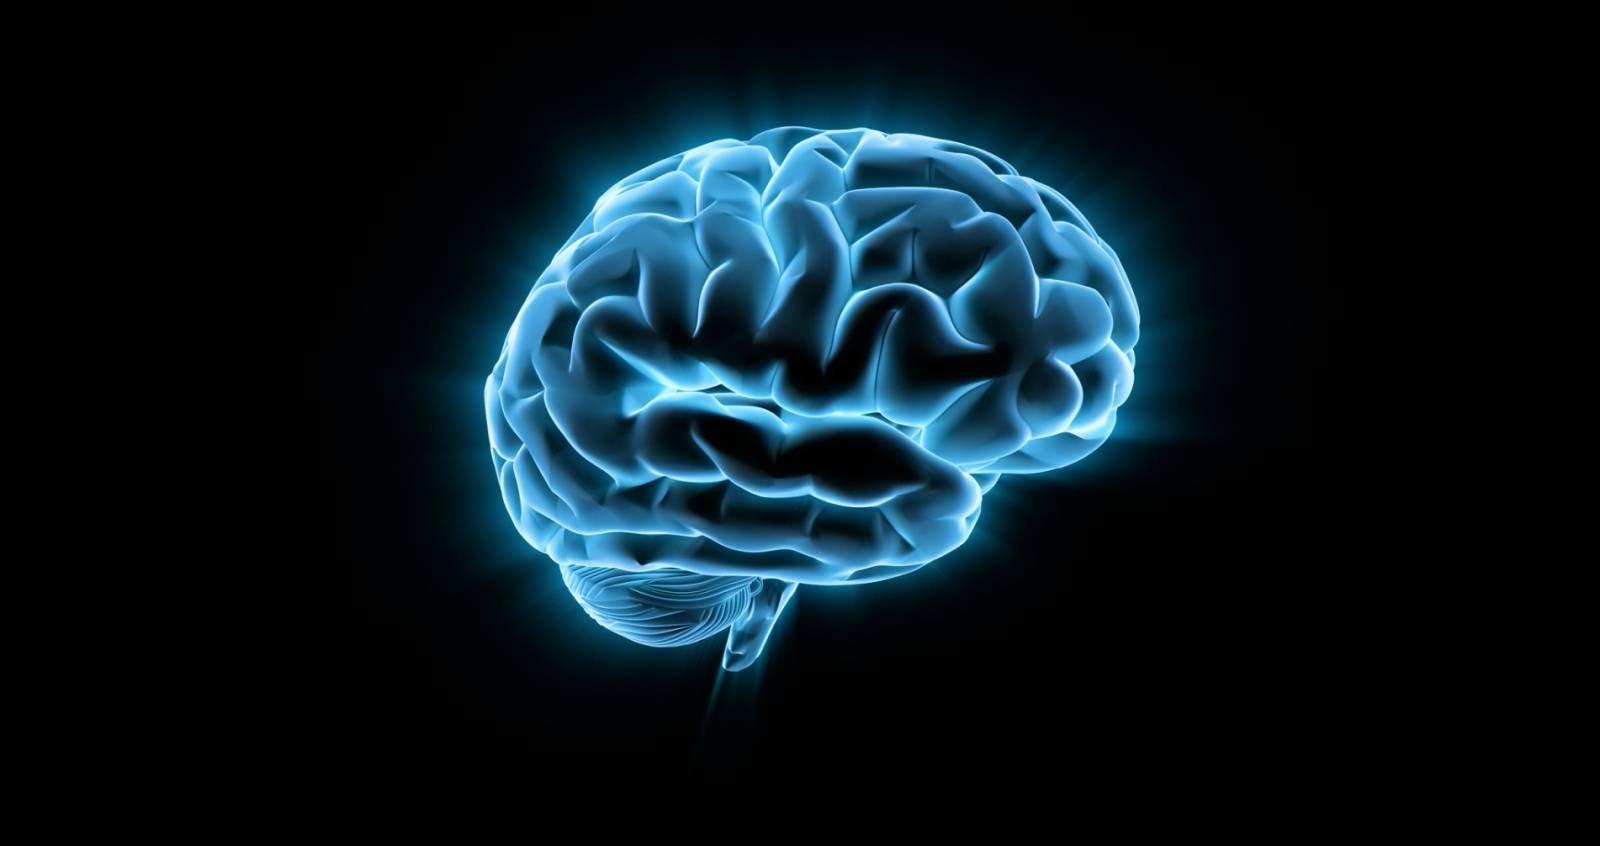 Эликсир бессмертия, возможно, находится в нашем собственном мозге - 1